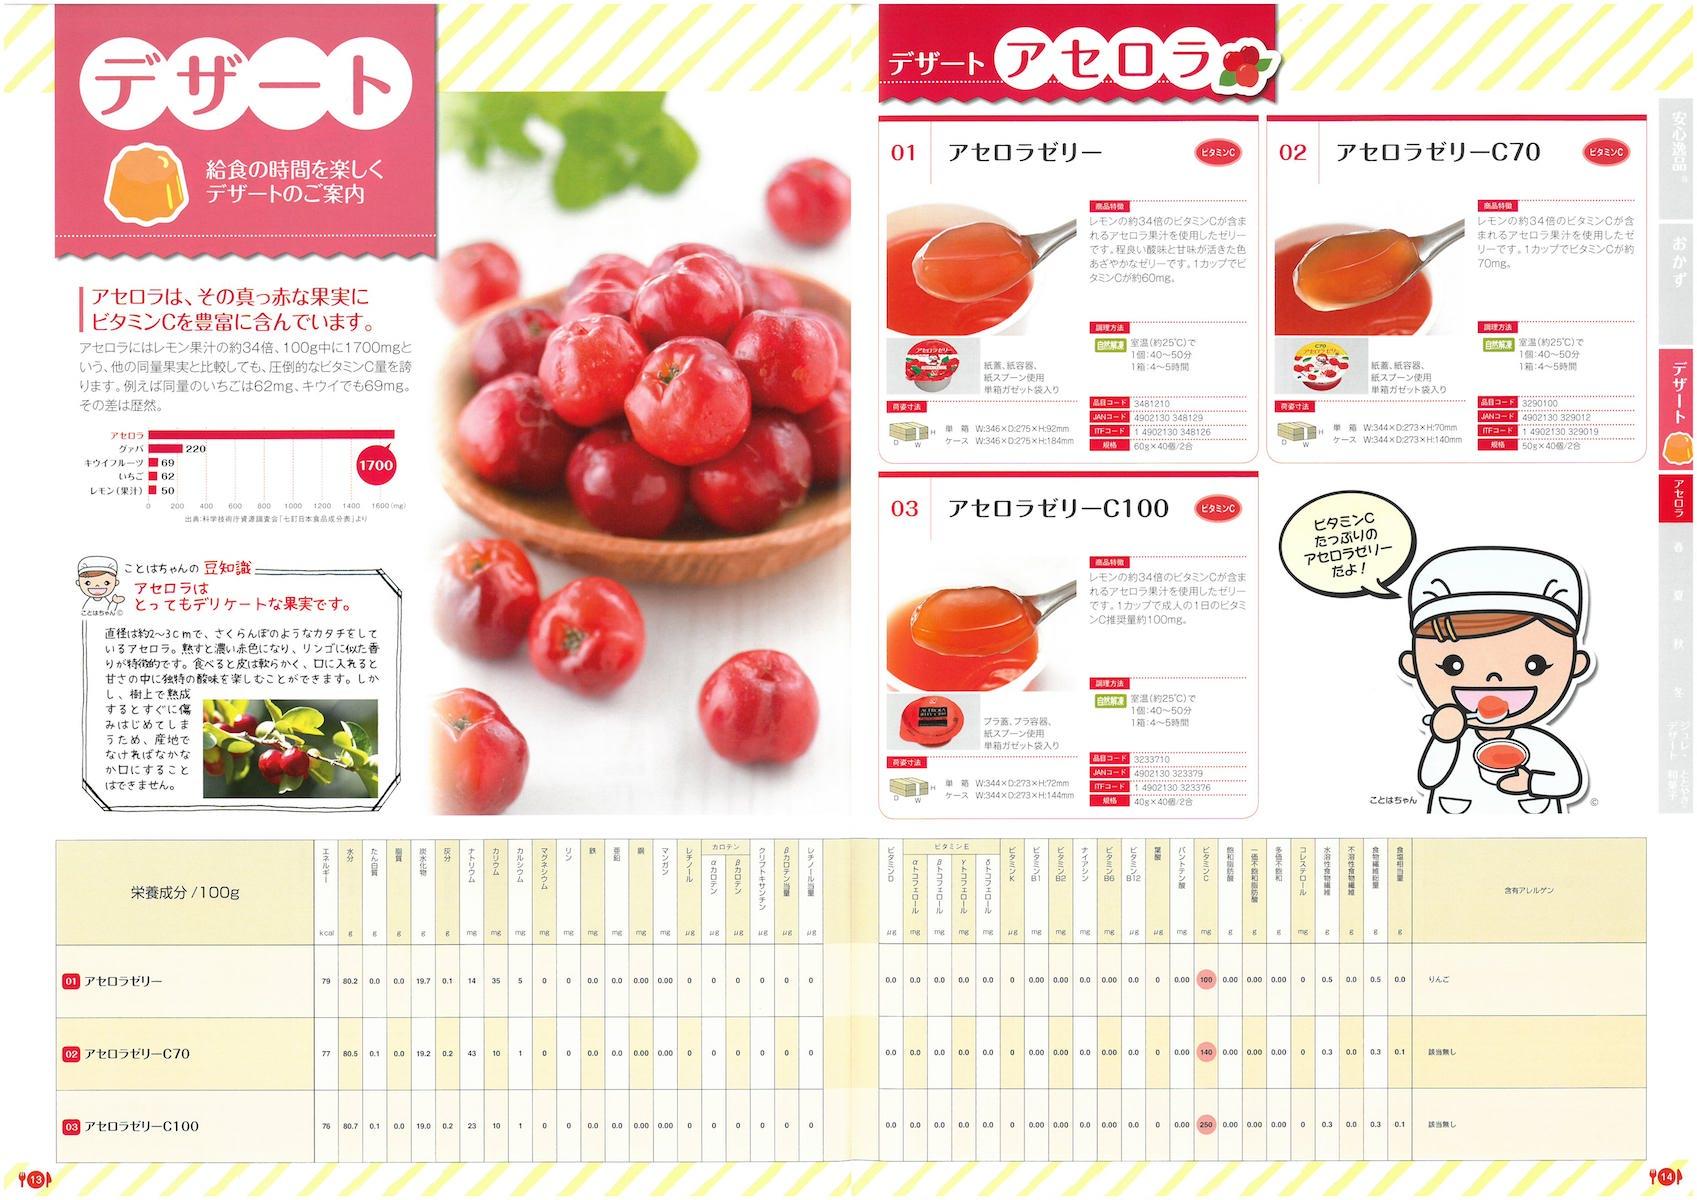 ニチレイフーズ 学校給食向け商品カタログ